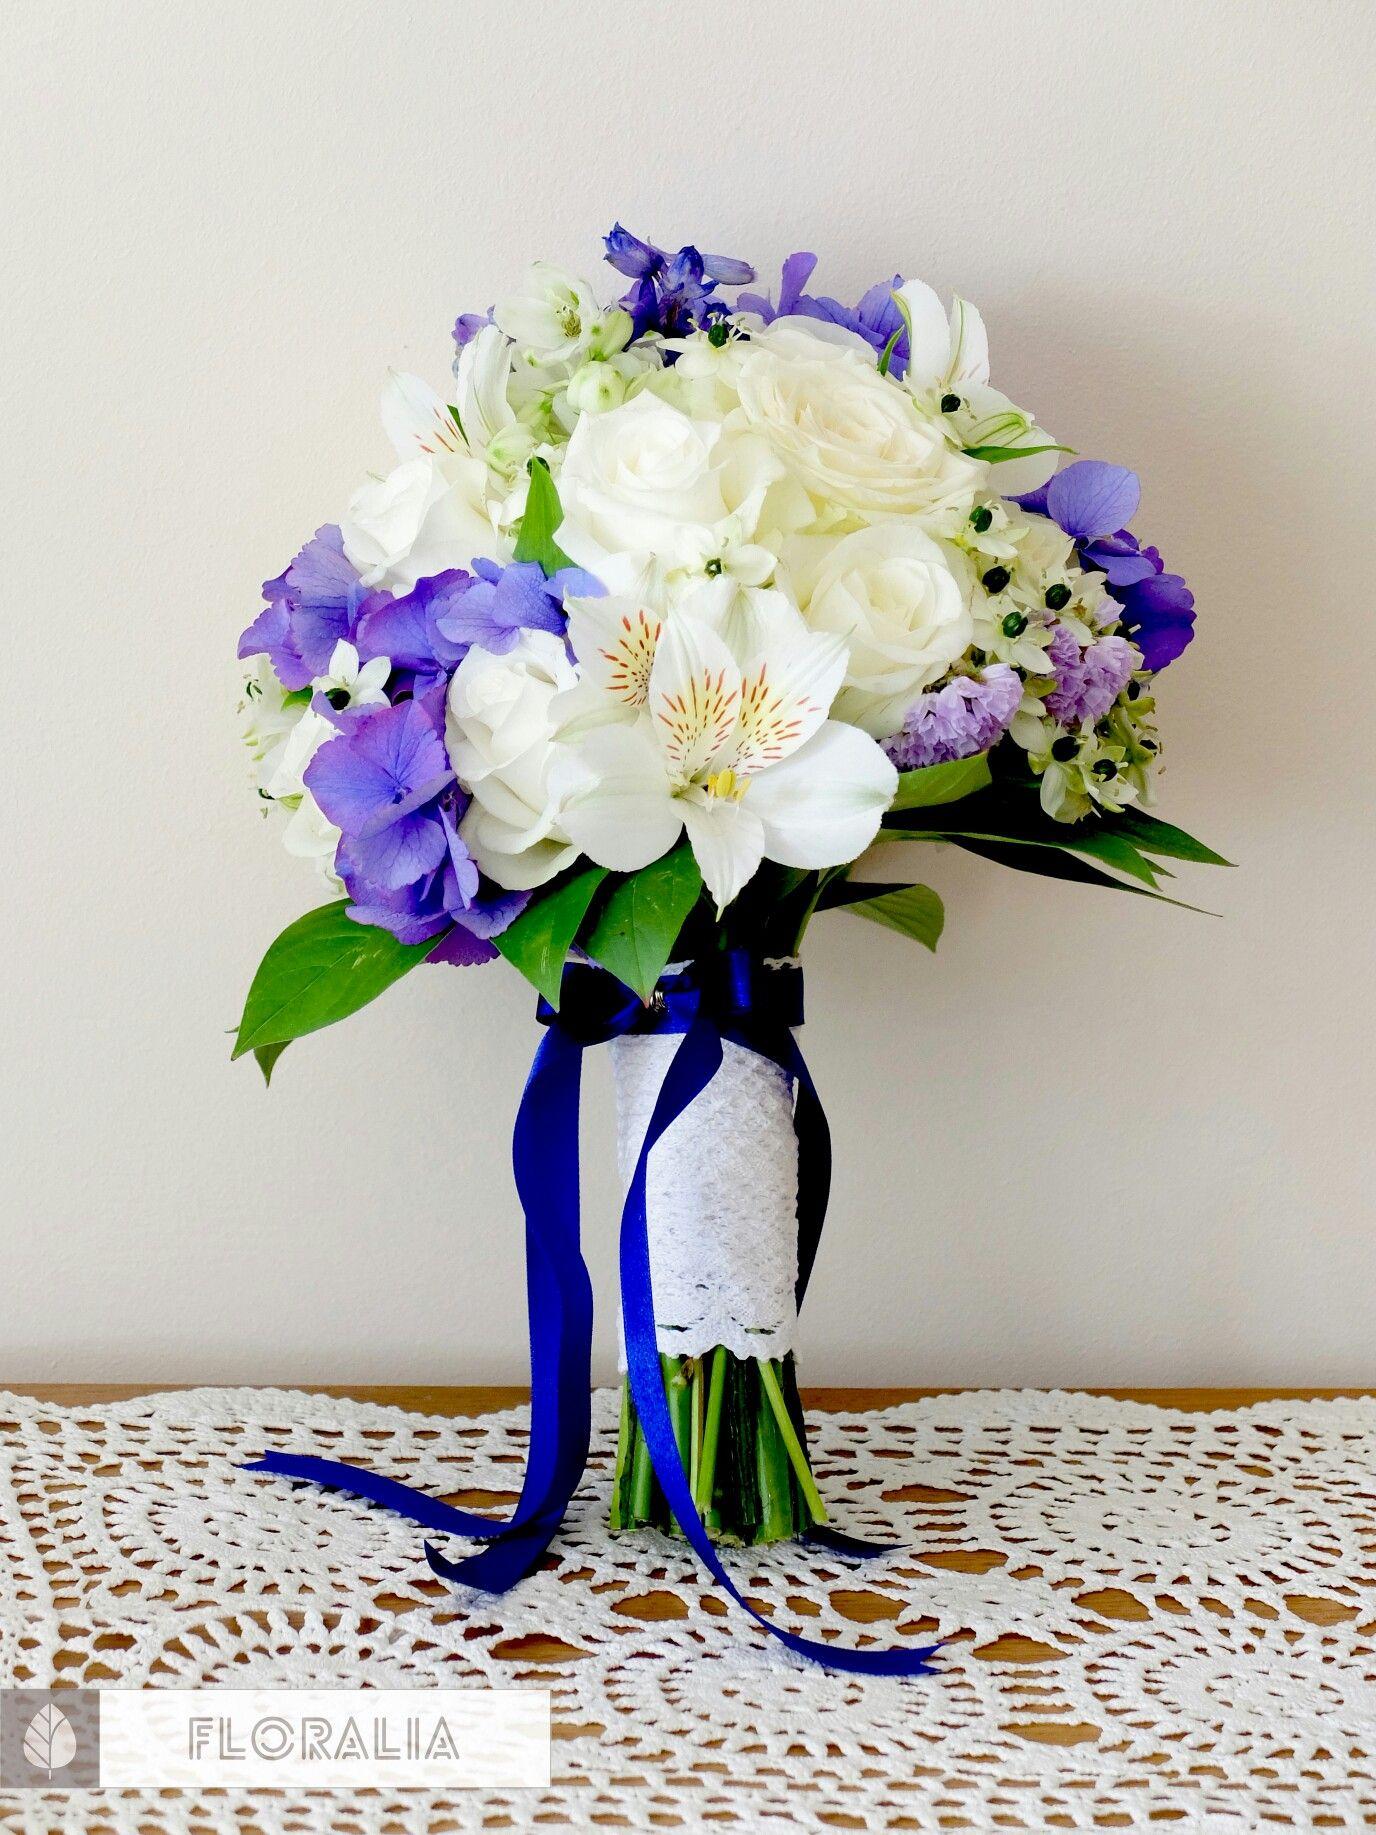 Bukiet Slubny W Tonacji Bialo Chabrowej Bialo Granatowy Bukiet Slubny Www Floralia Pl Home Decor Decor Vase